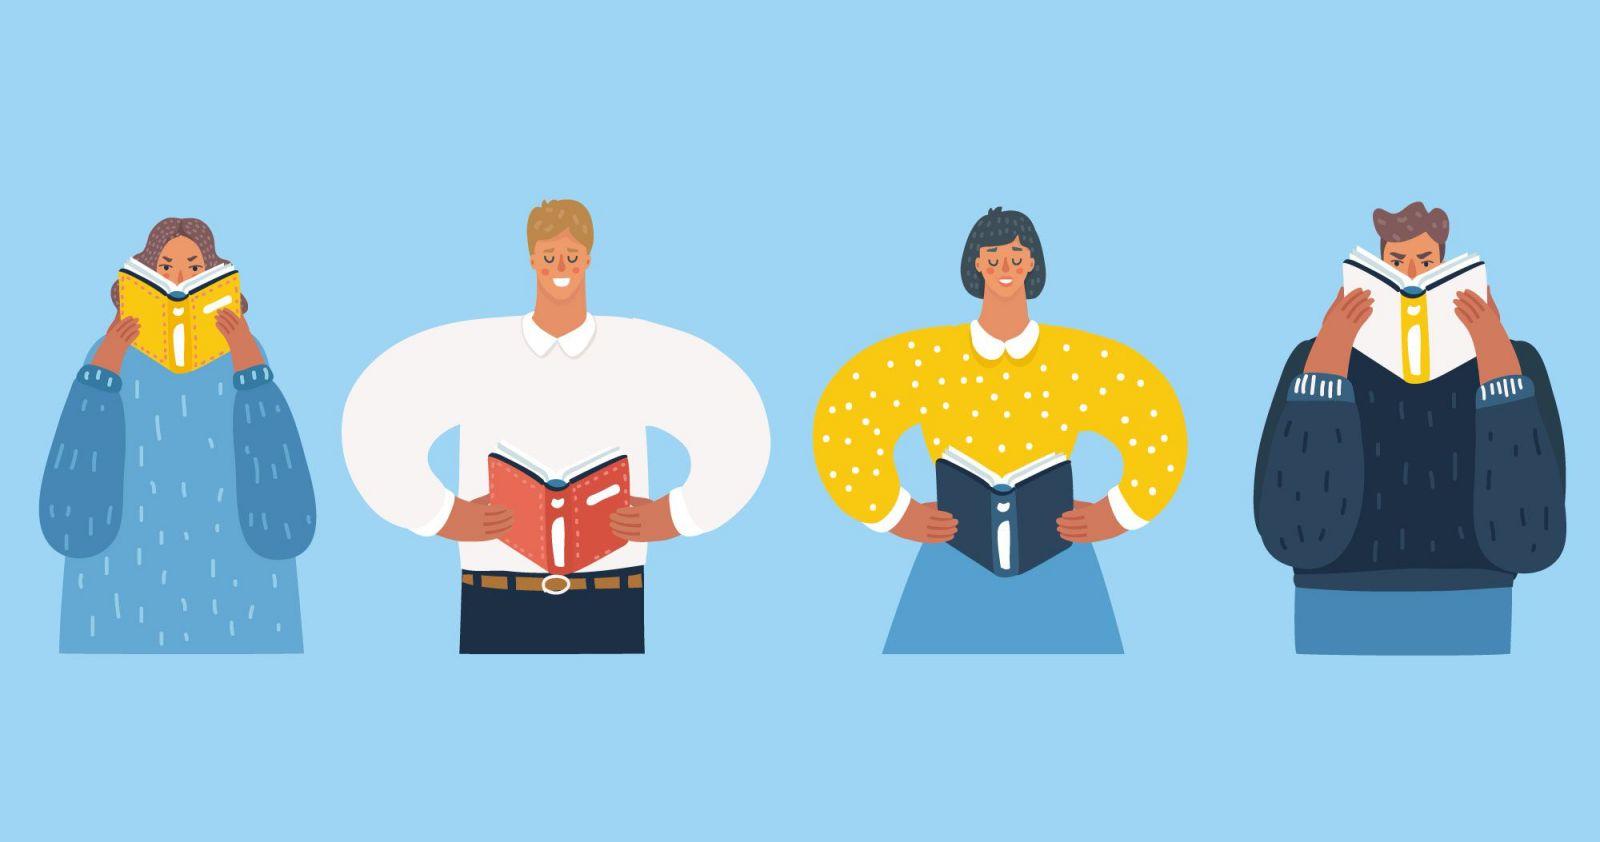 初心者がwebマーケティングを独学で学ぶためのおすすめ書籍まとめ!